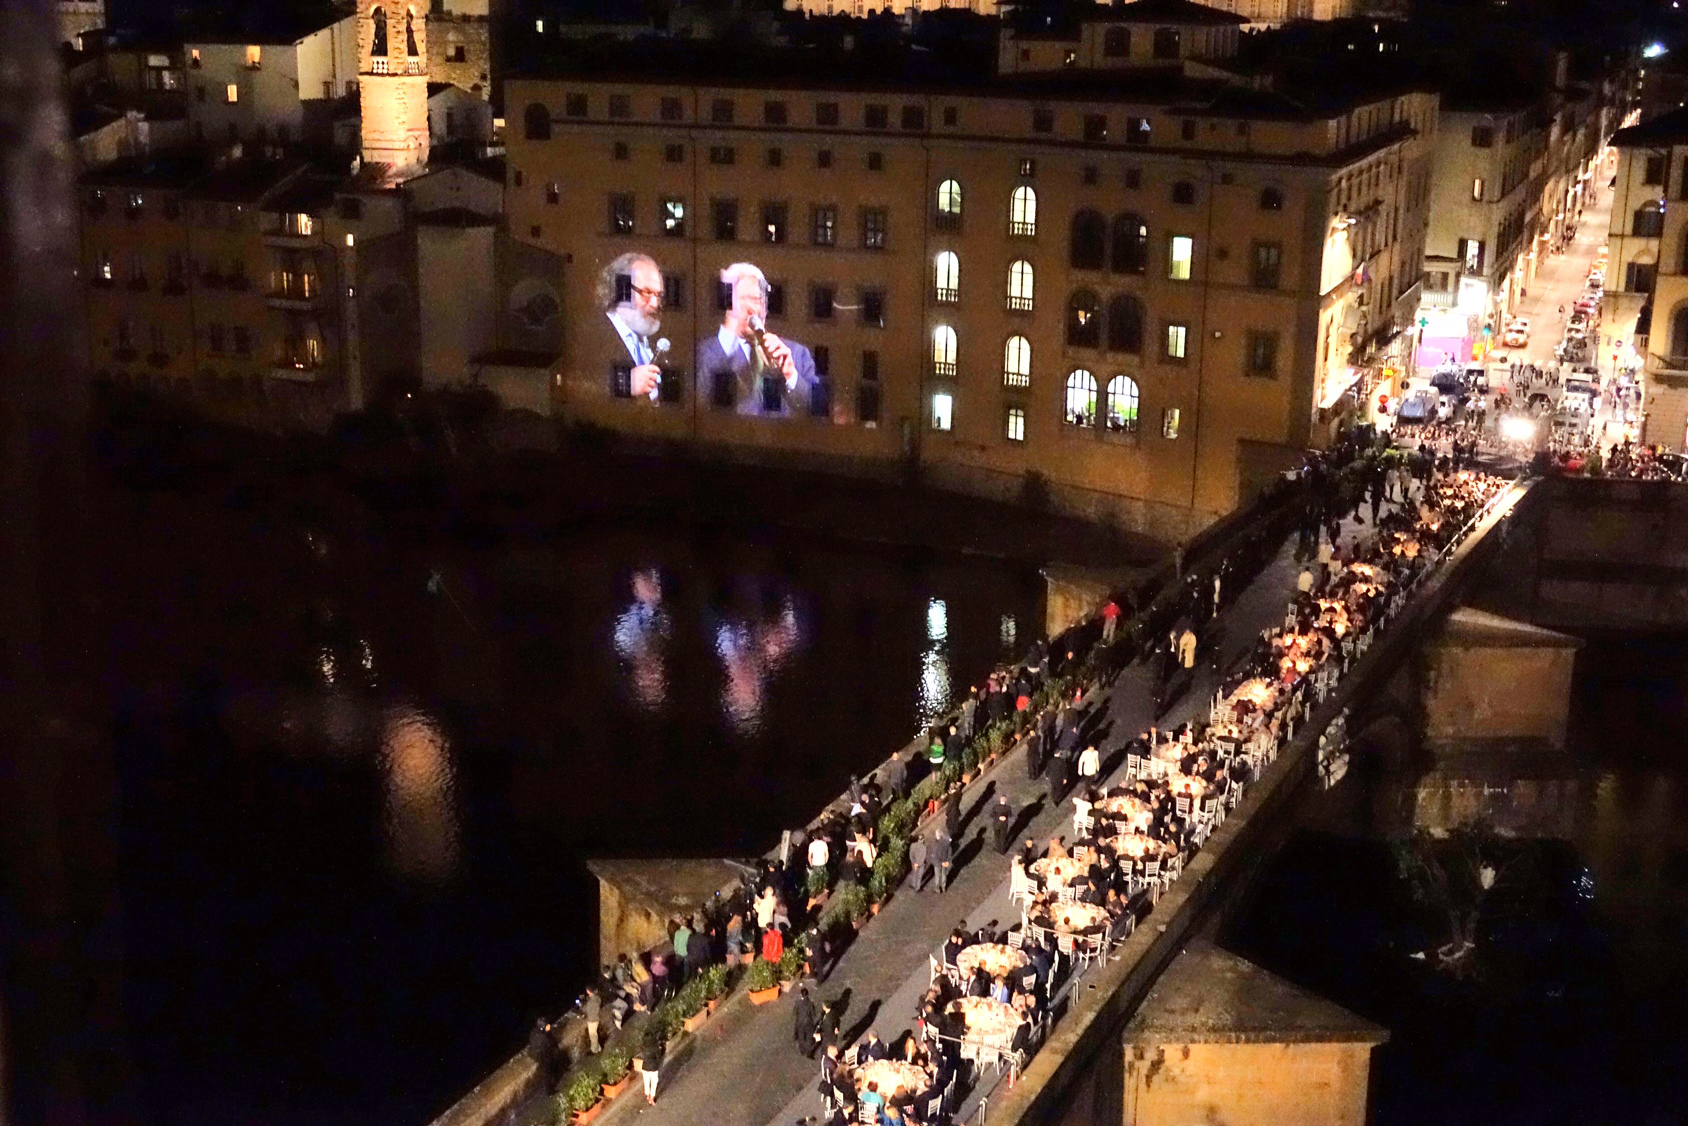 Firenze pitti uomo, cena per inaugurazione nuova illuminazione ponte vecchio